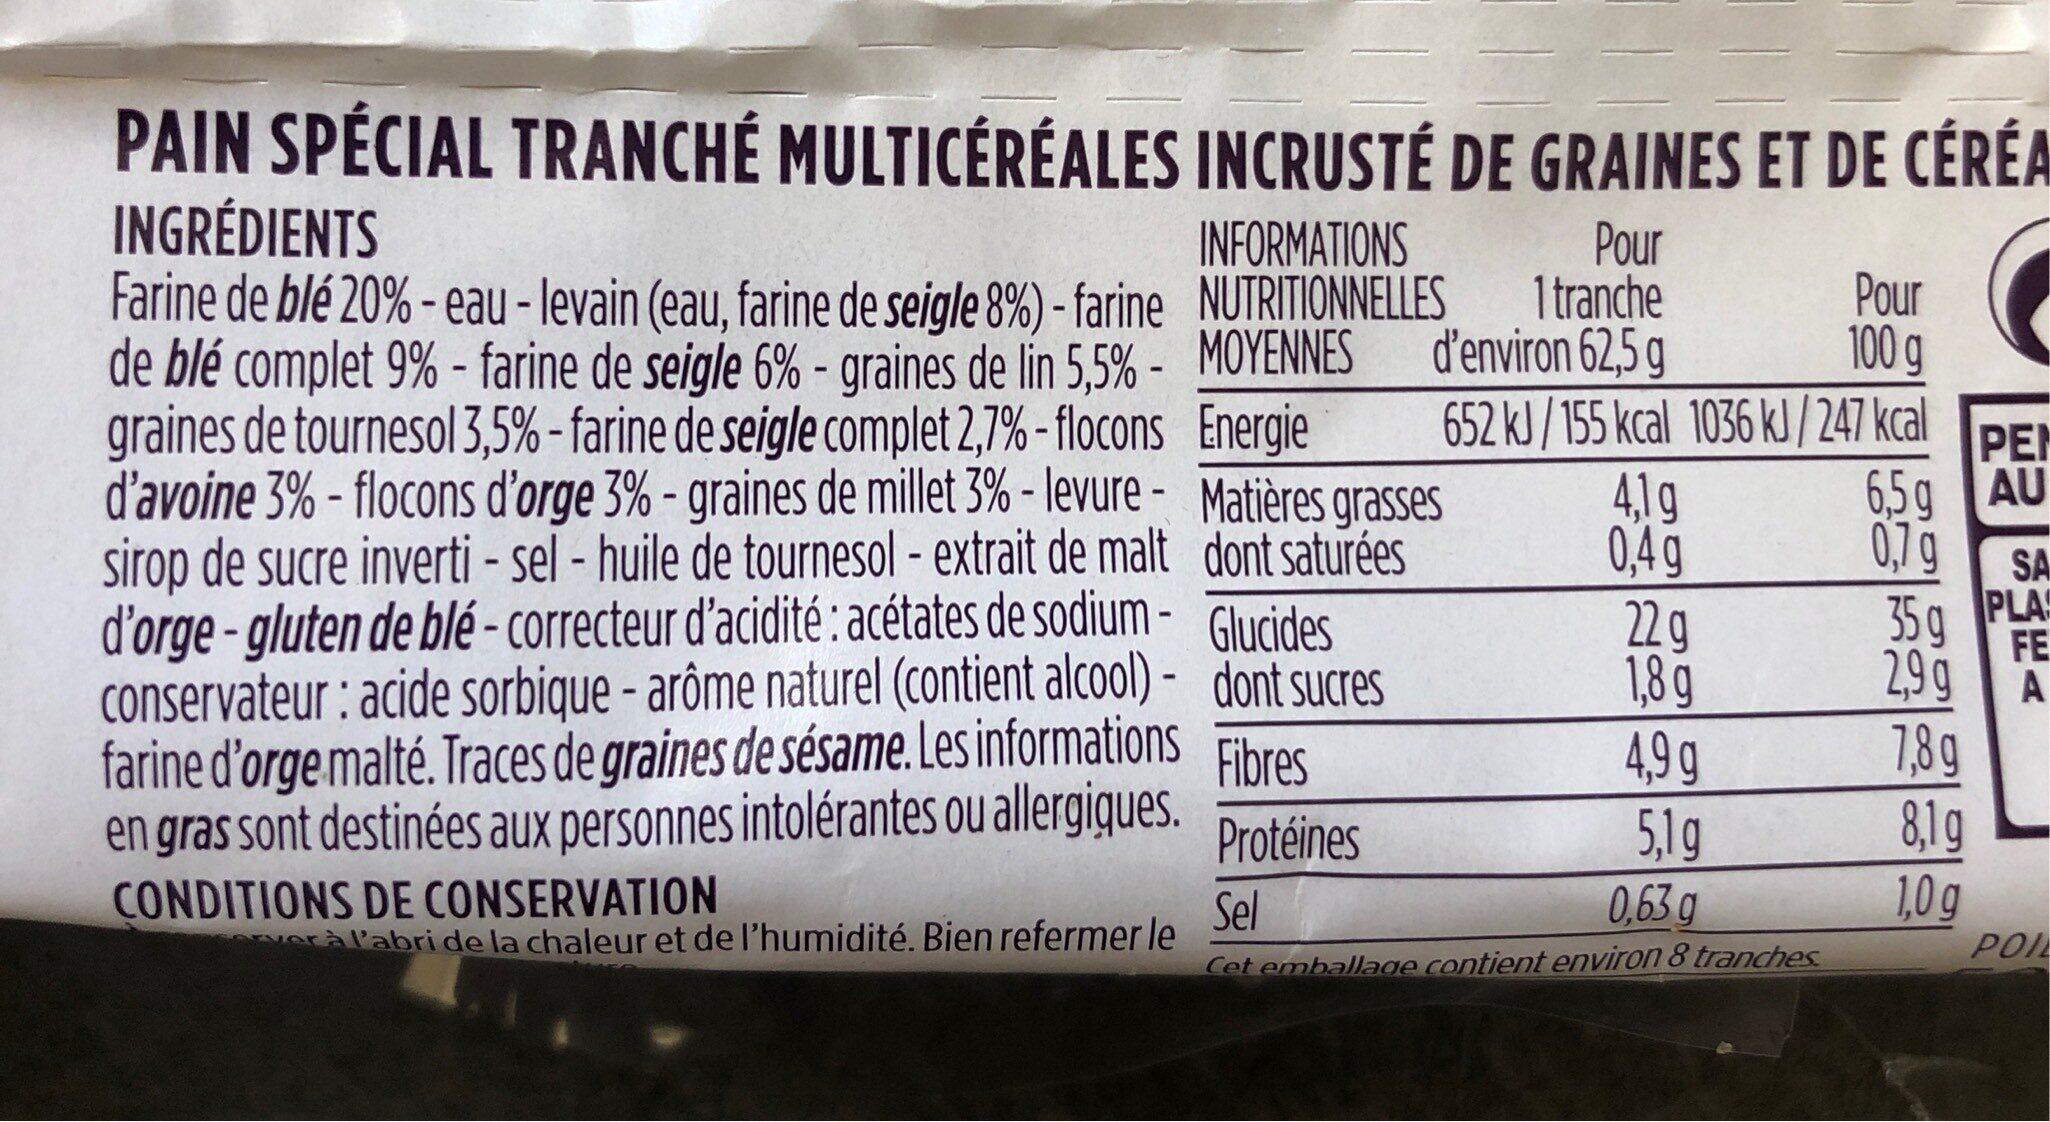 Pain multicereales et graines - Informations nutritionnelles - fr